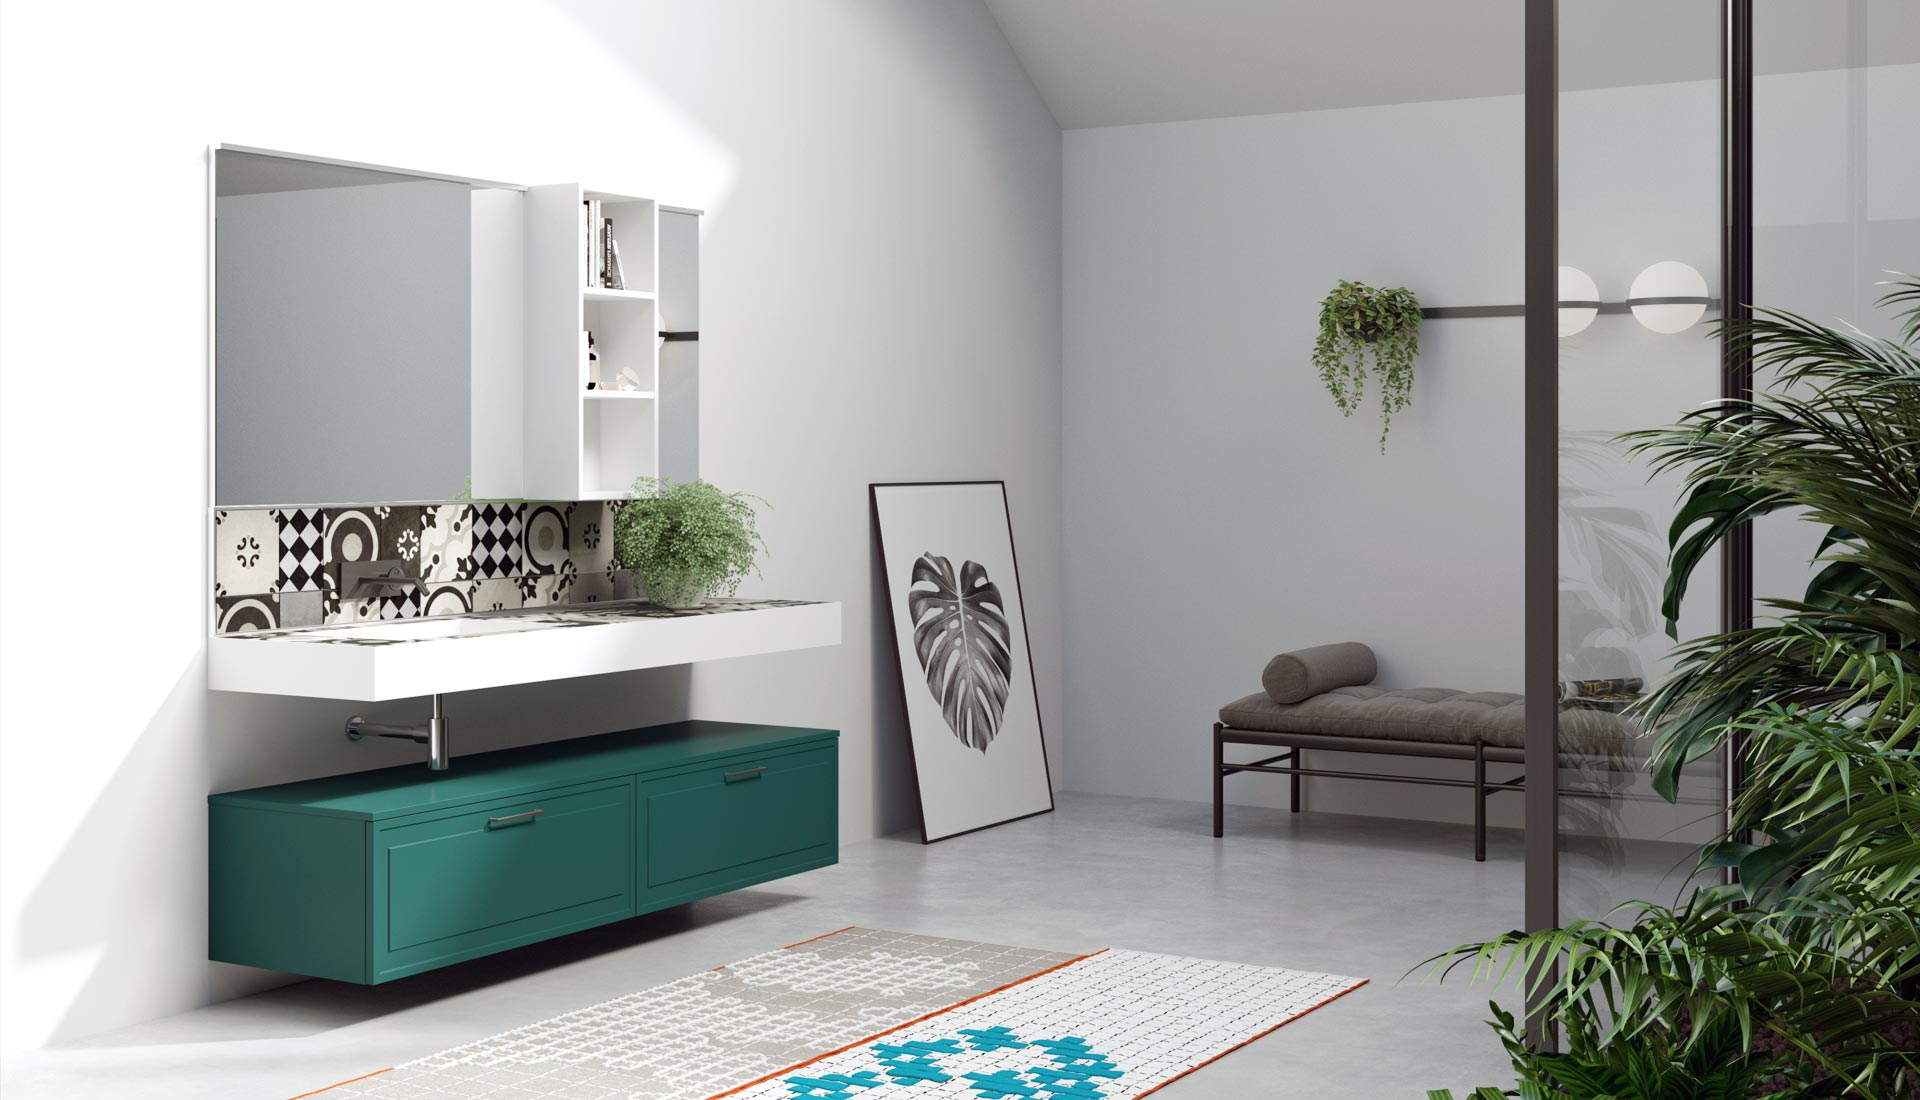 Puntotre produzione arredo bagno e mobili per il bagno su for Archi arredo roma